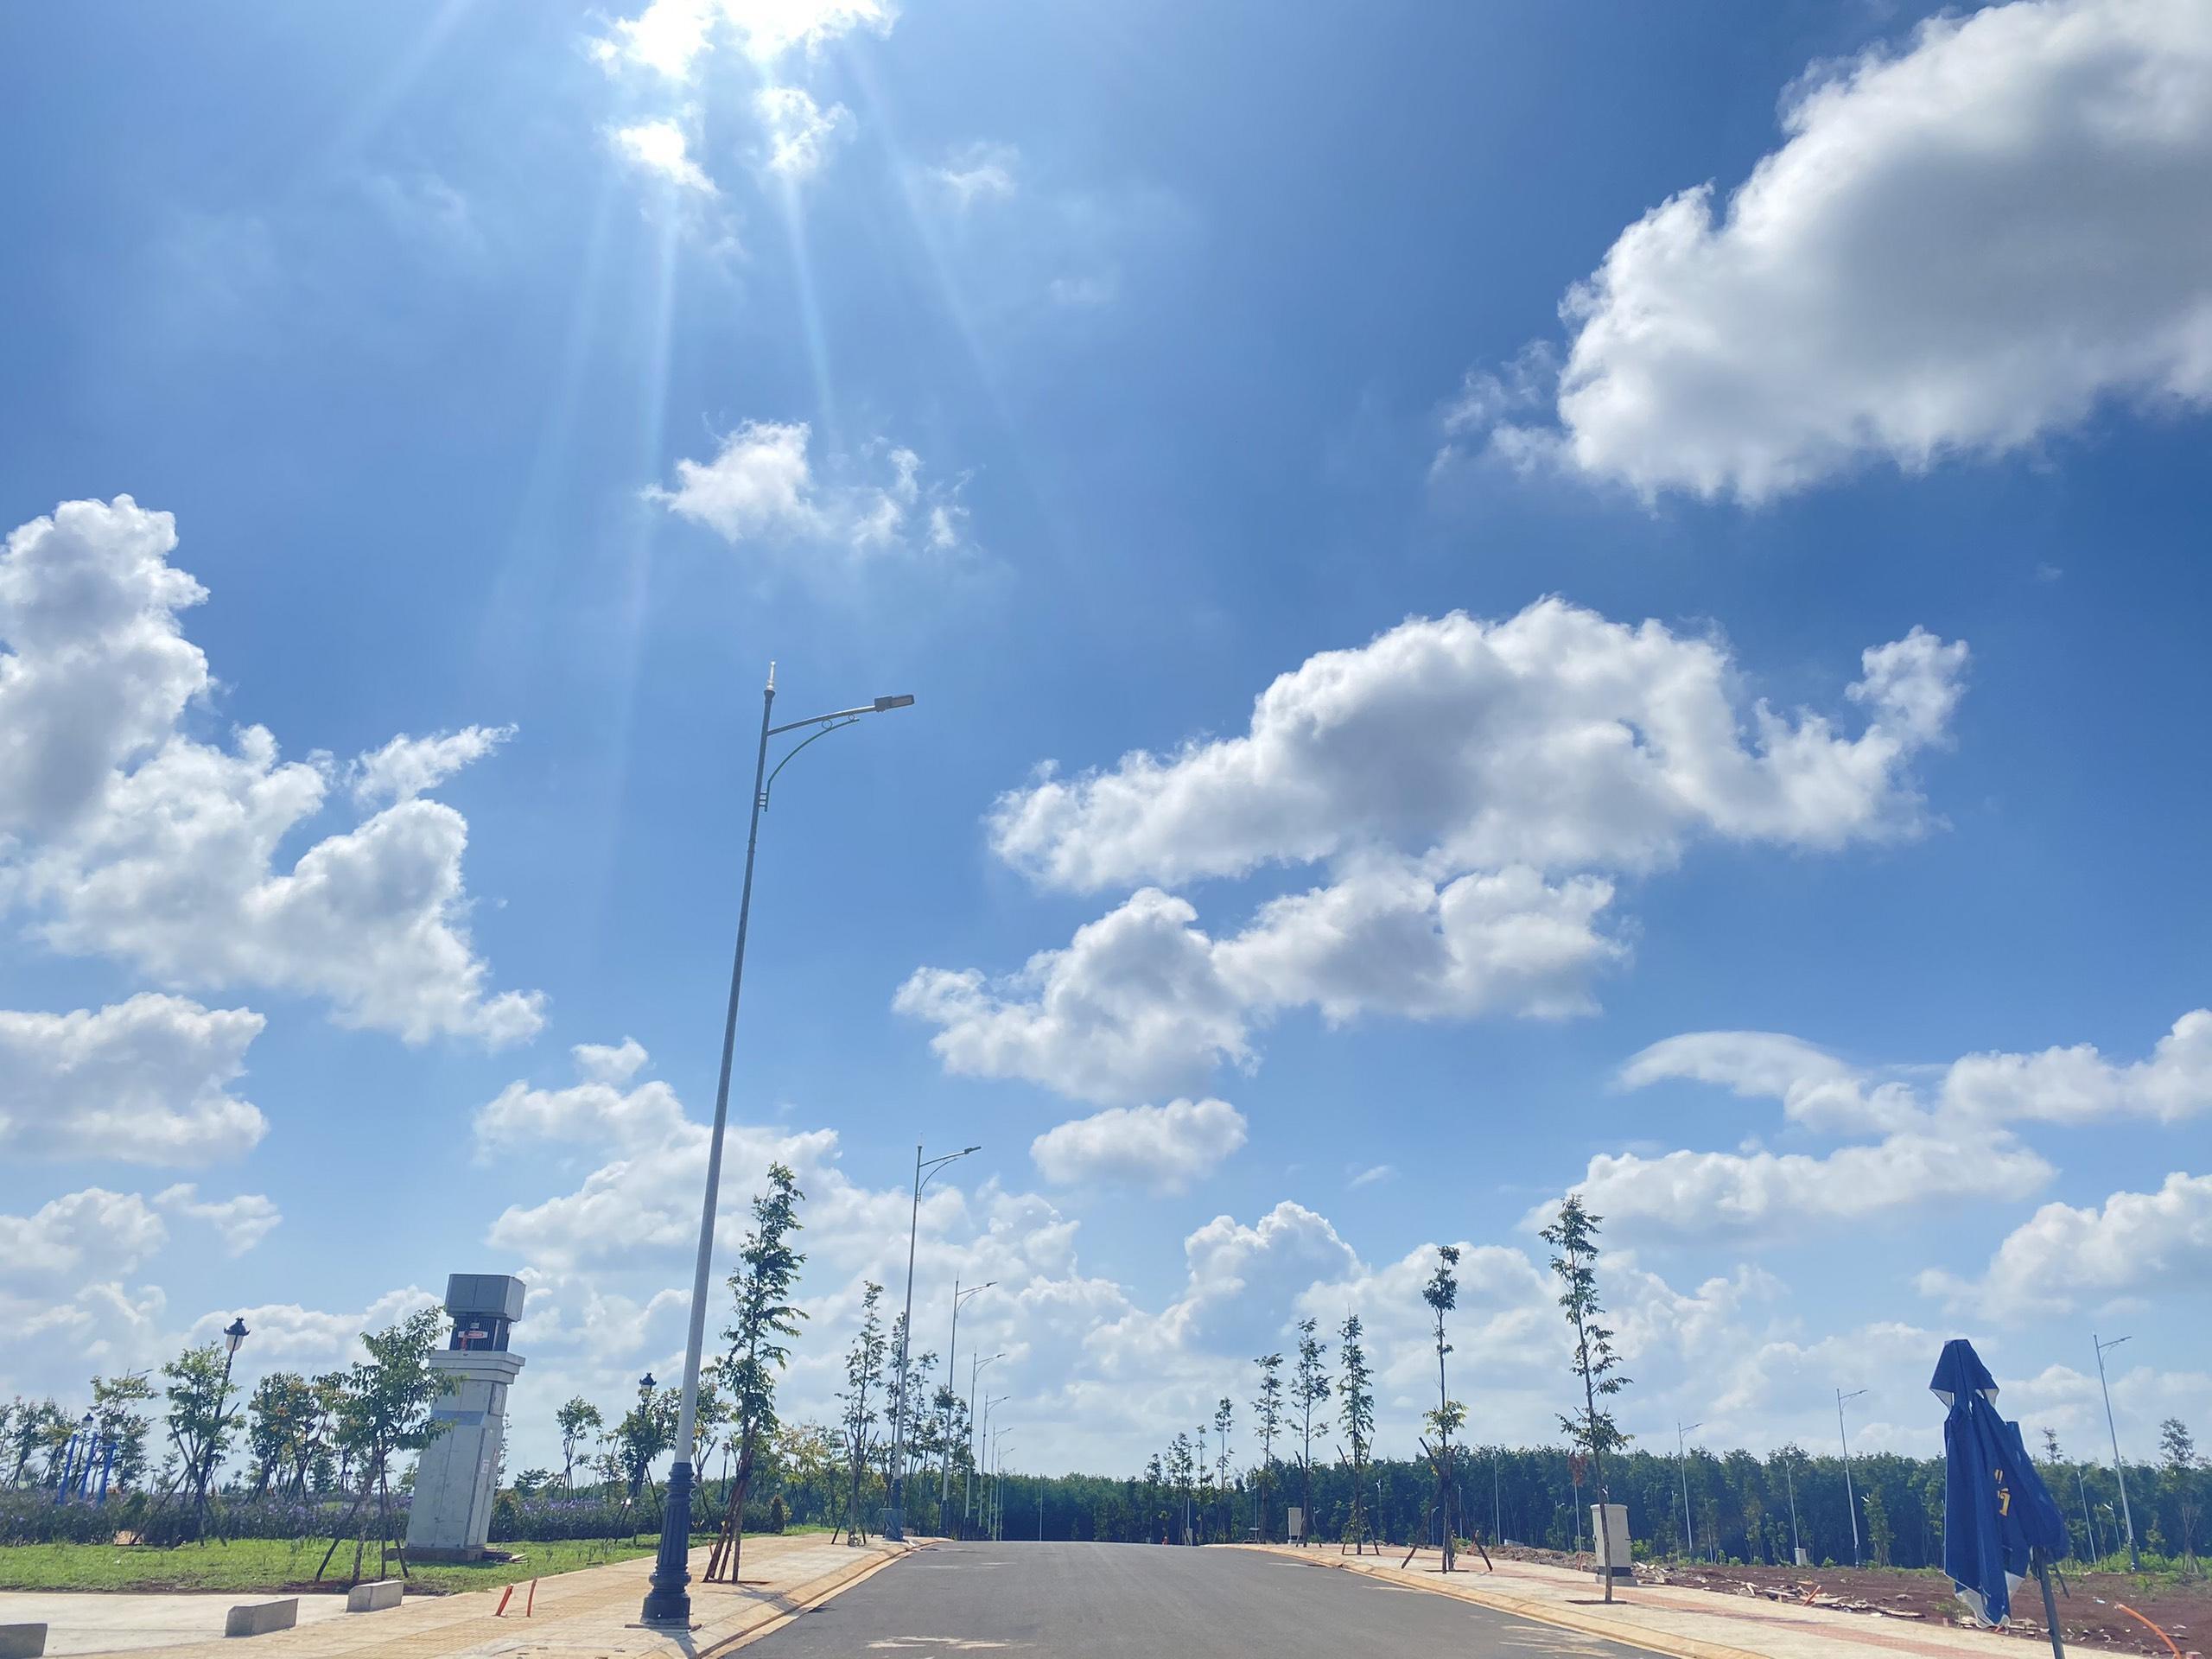 Bán đất nền sổ đỏ mặt tiền đường Hà Huy Tập, phường Tân An, TP Buôn Ma Thuột. LH: 0335 964 311